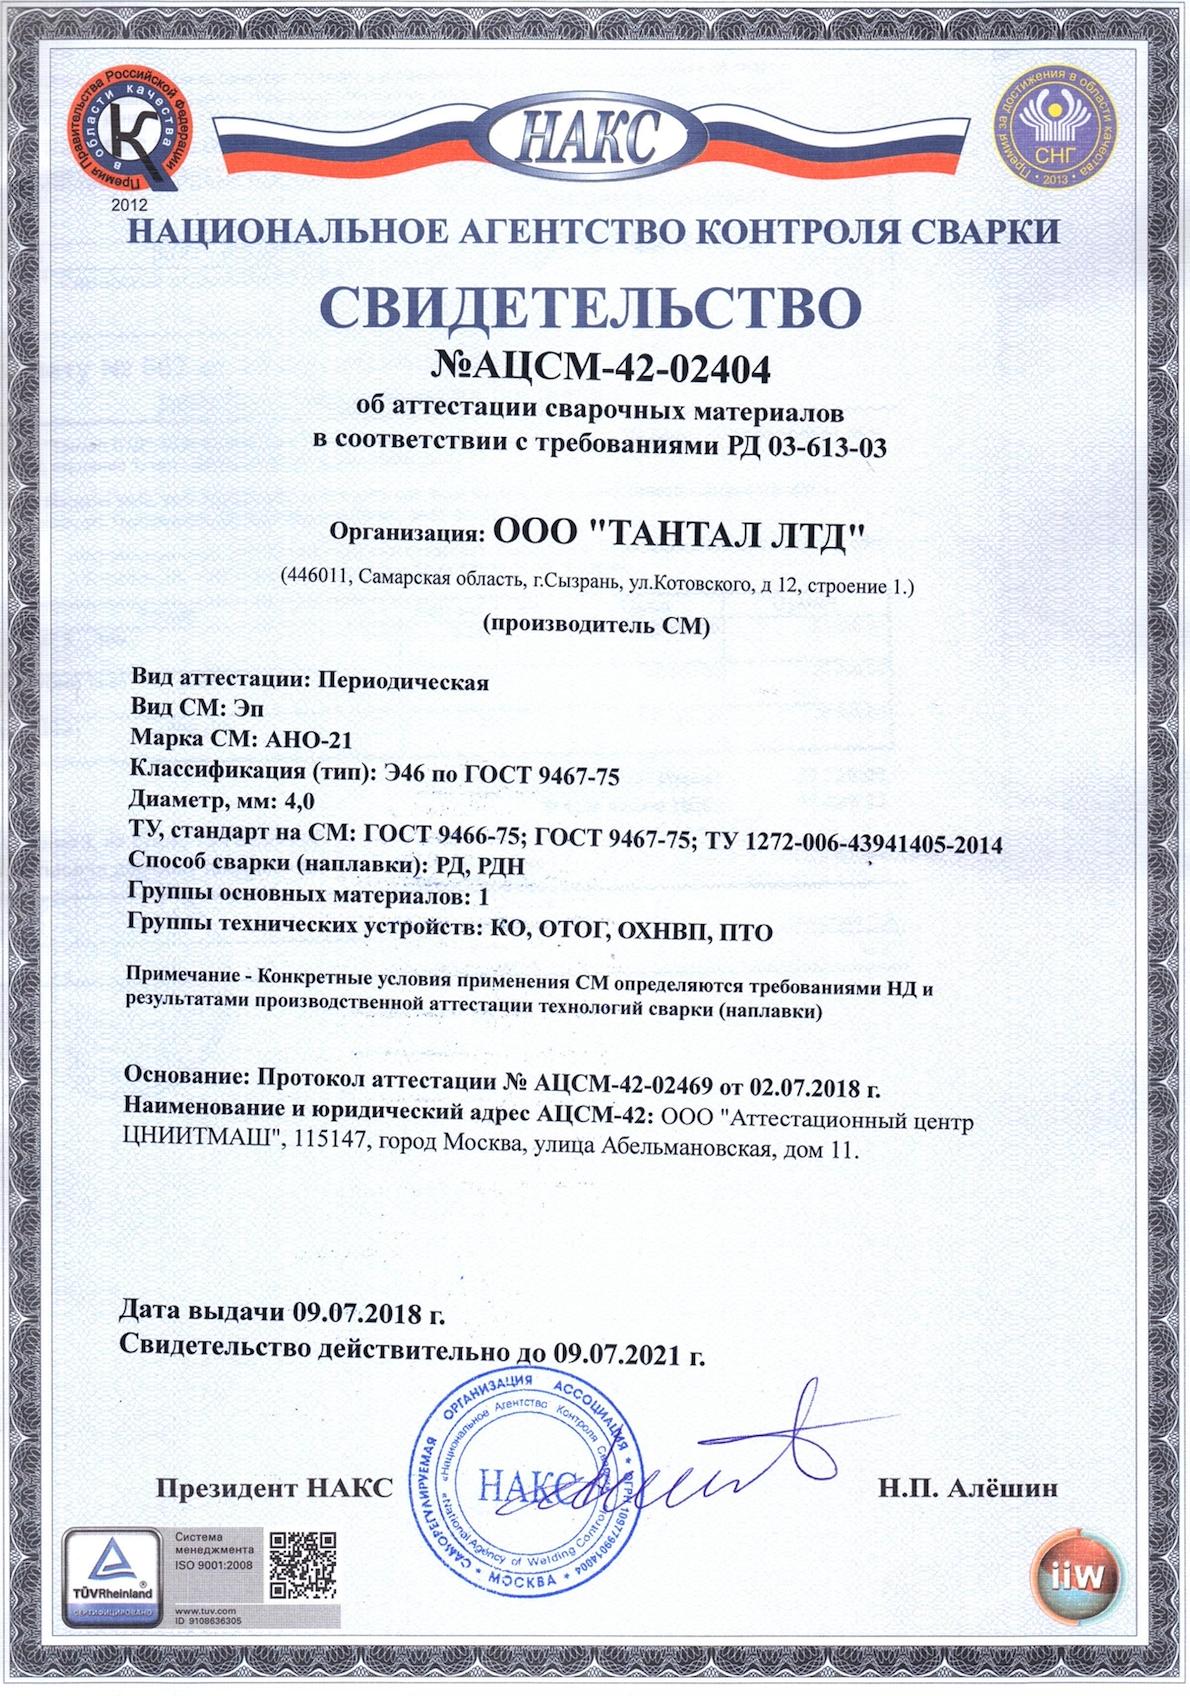 Свидетельство НАКС АНО-21 (4мм)